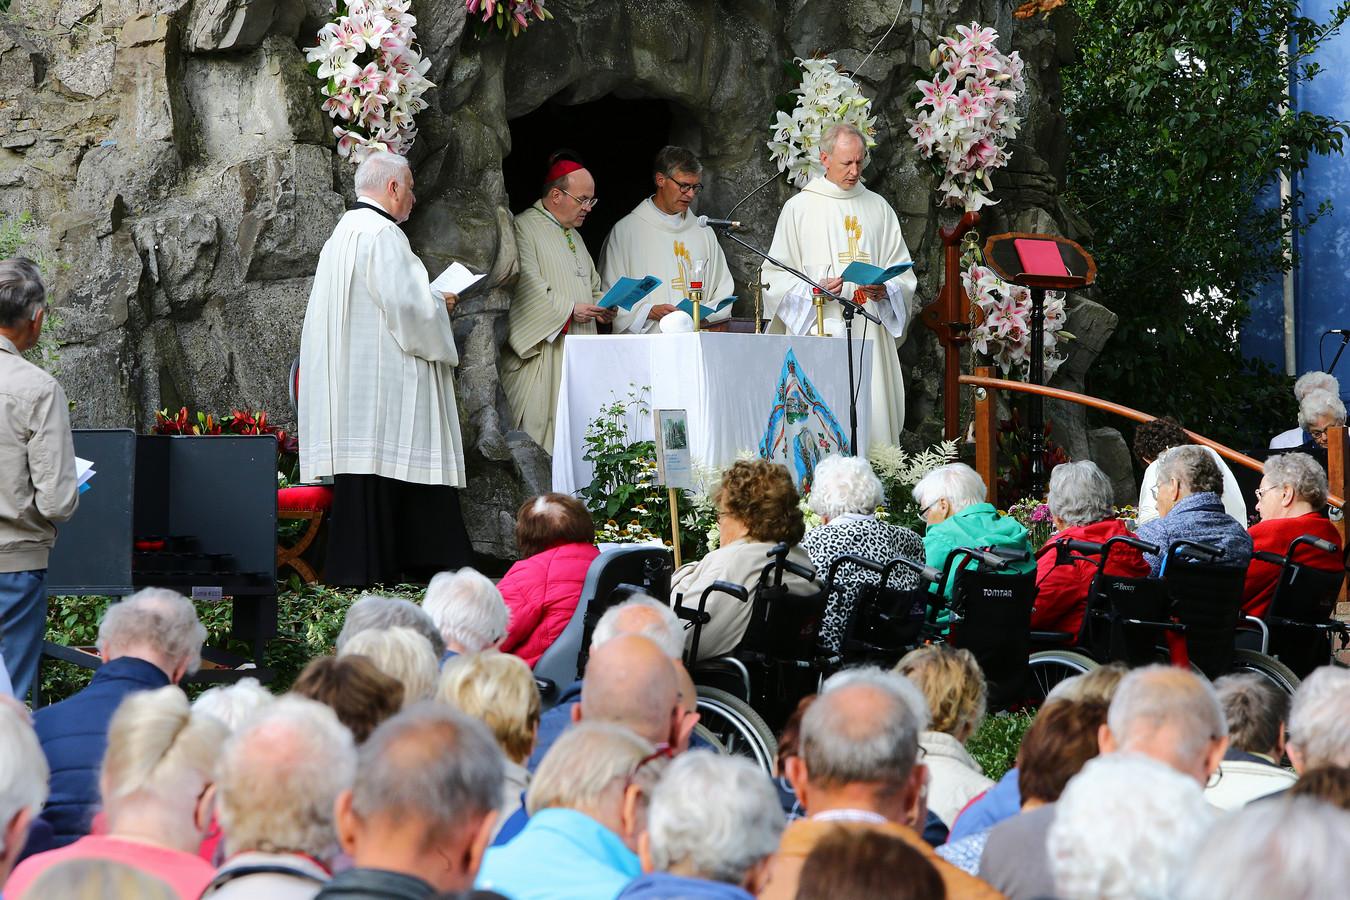 Bisschop Van den Hende (tweede van links) gaat voor in de traditionele viering ter gelegenheid van Maria-Tenhemelopneming in de Lourdesgrot in Noordeinde.